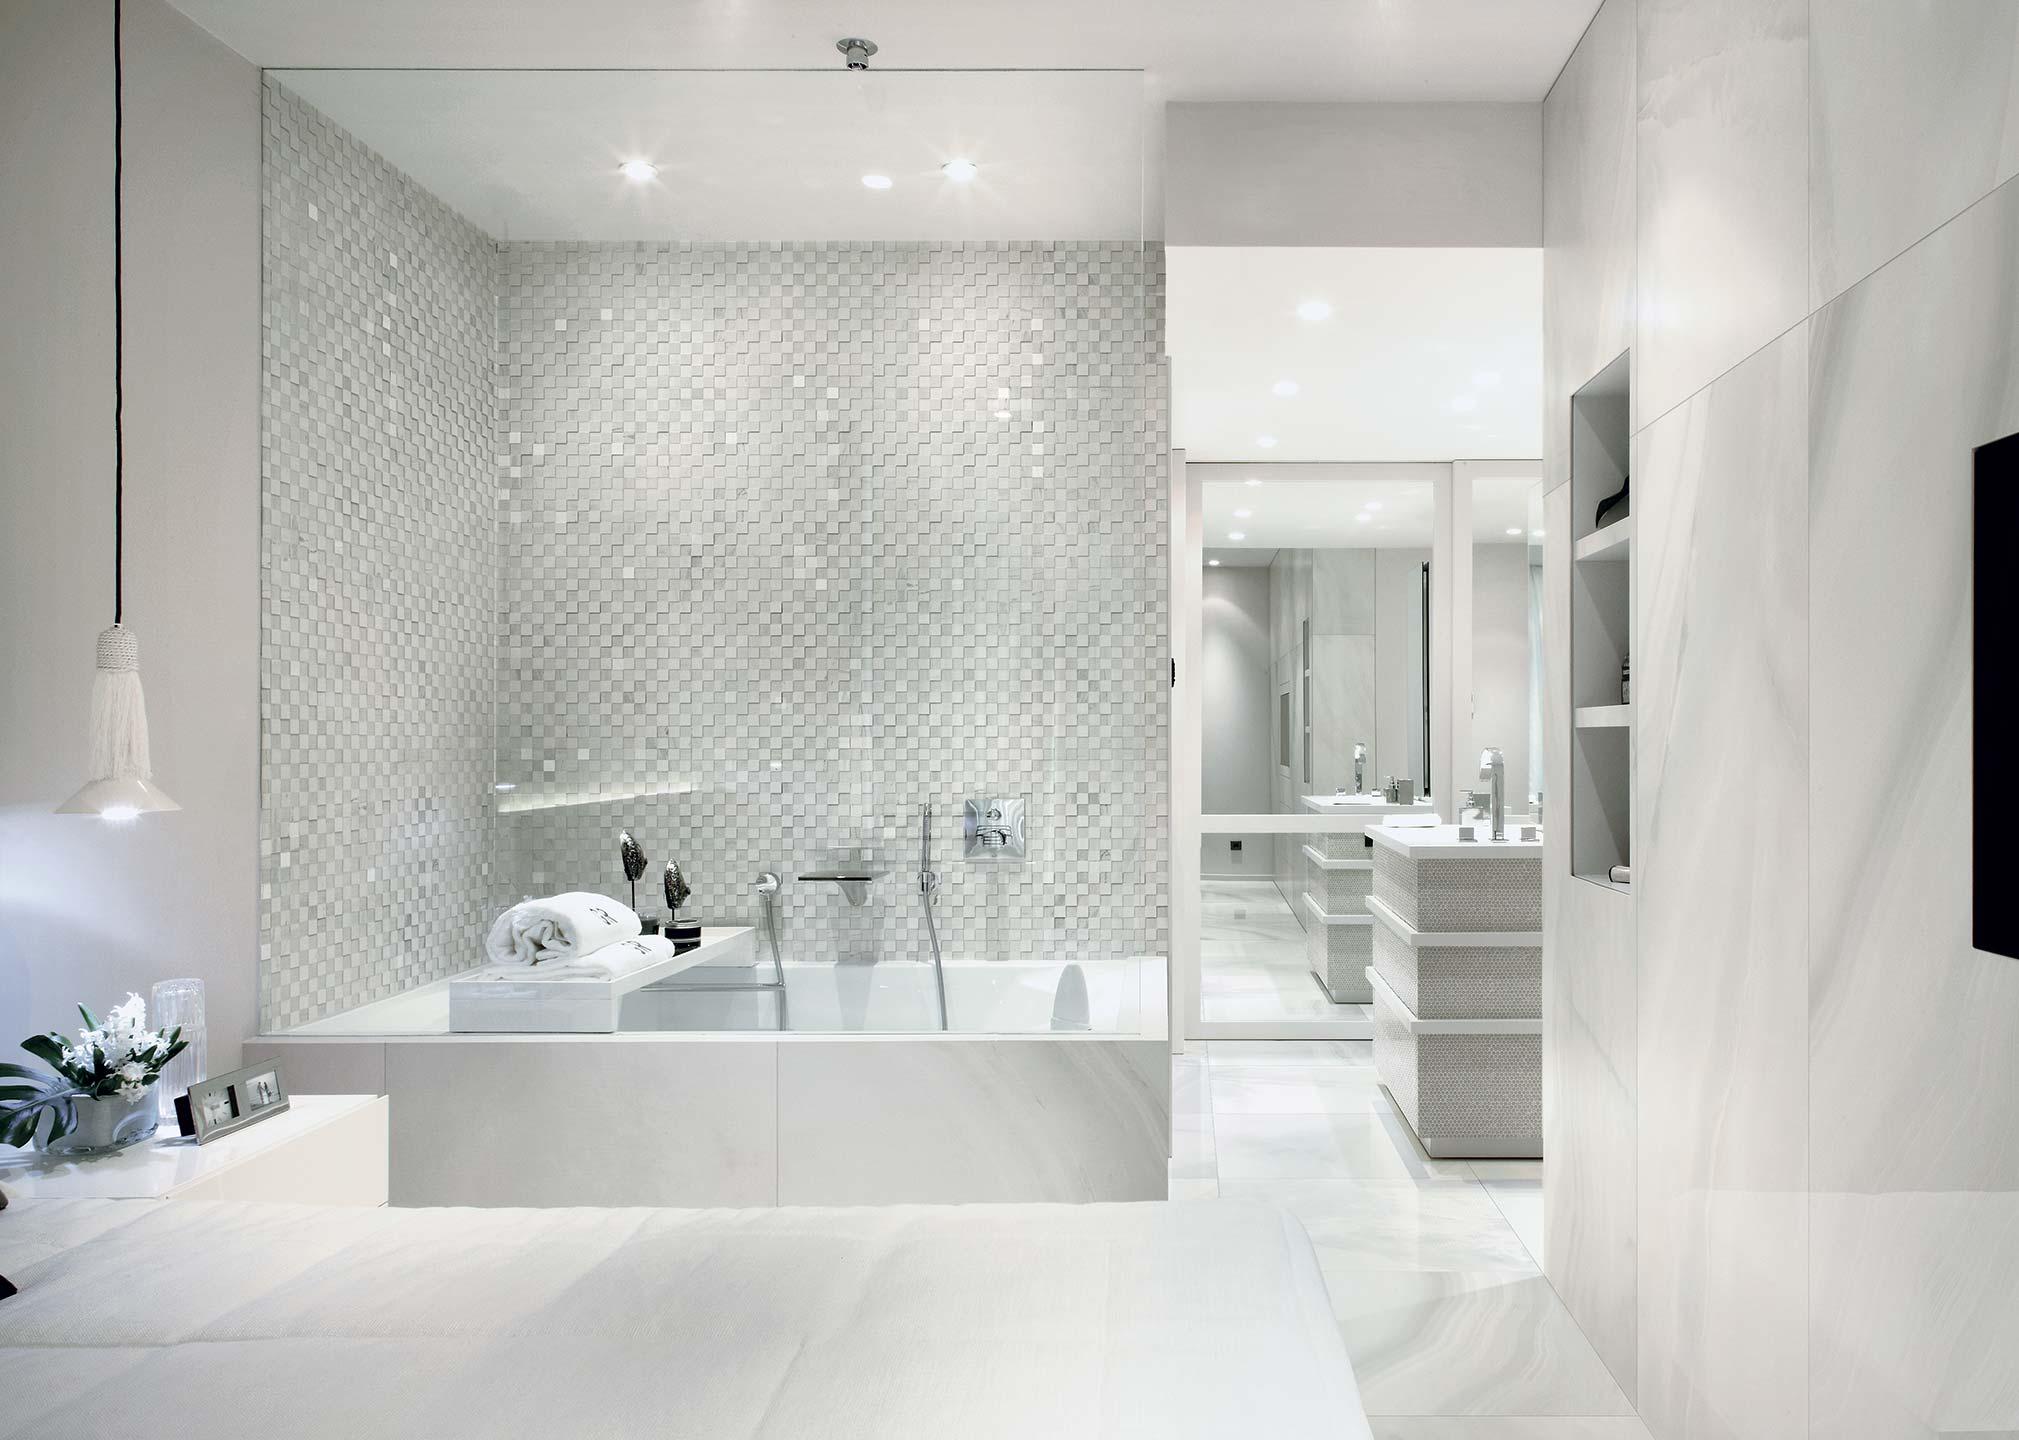 casa de banho moderno 4